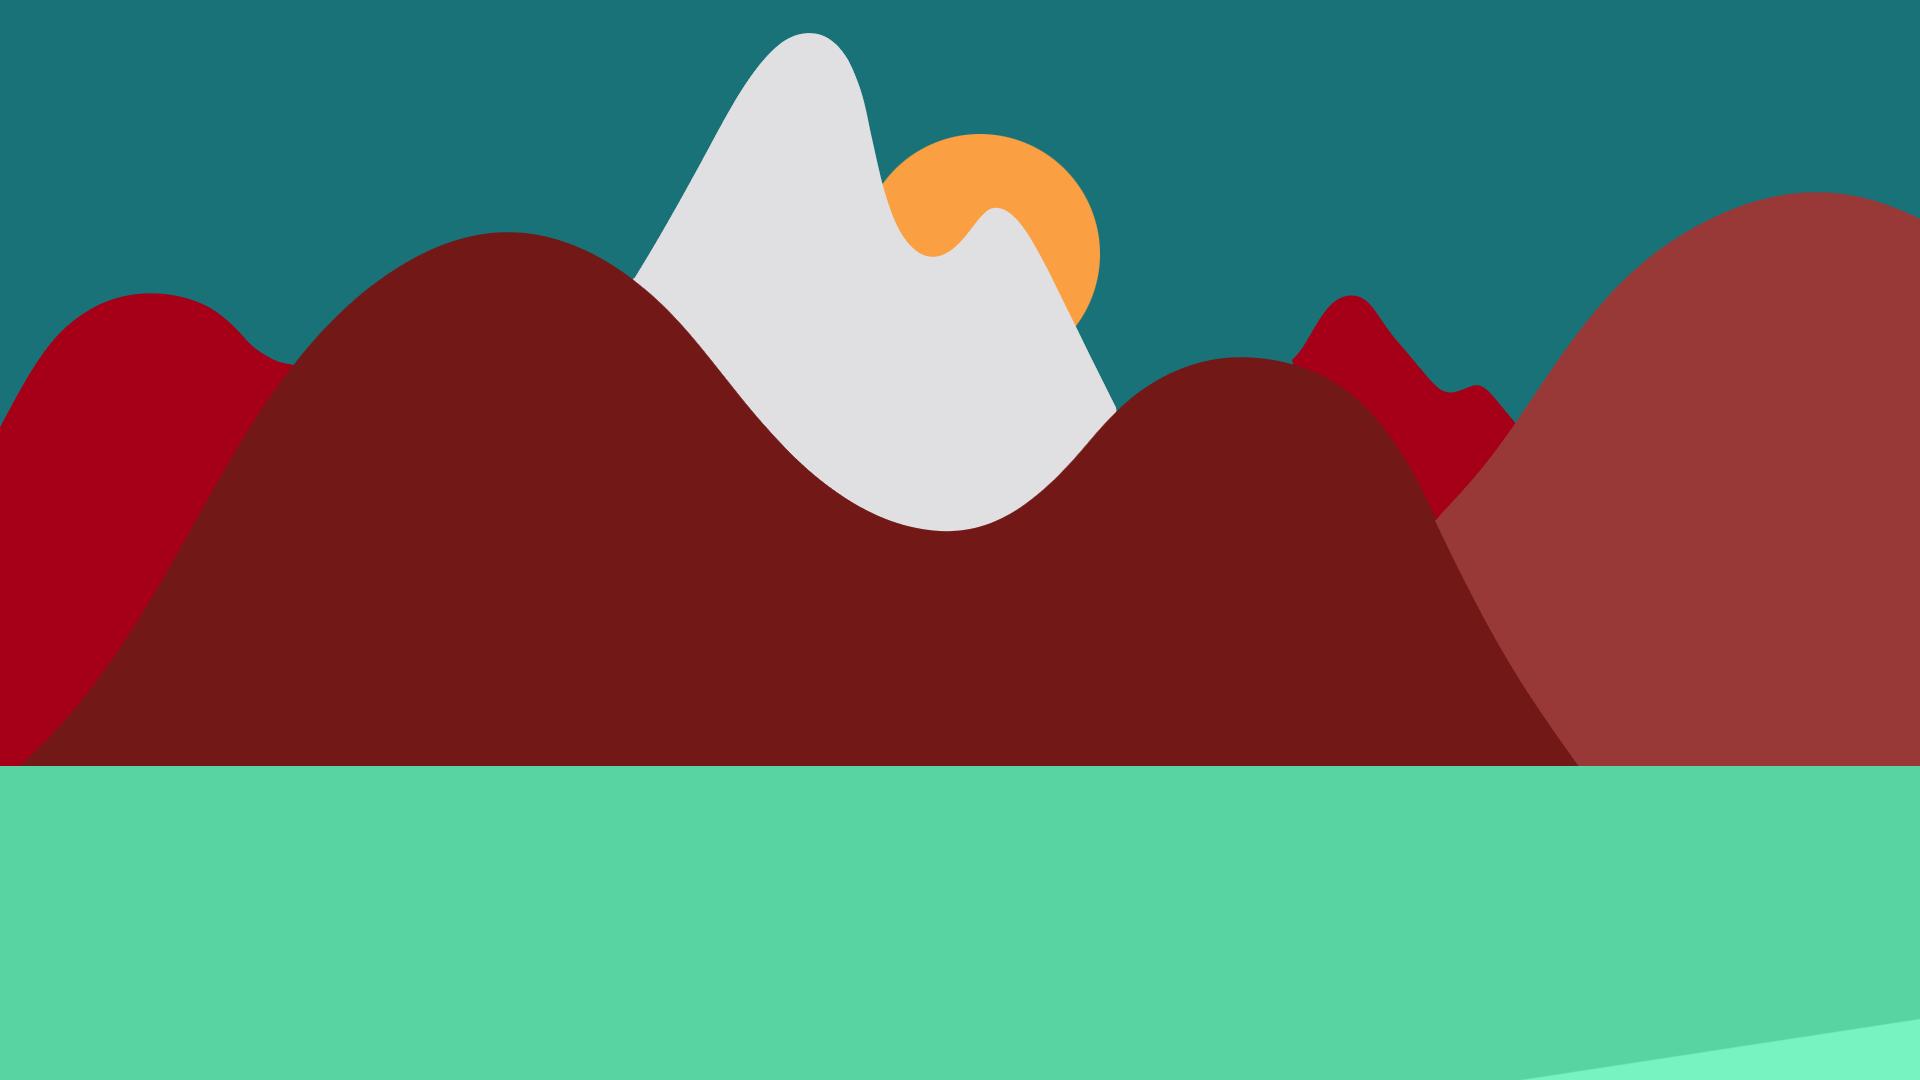 Sunset Wallpaper by zroxaszz